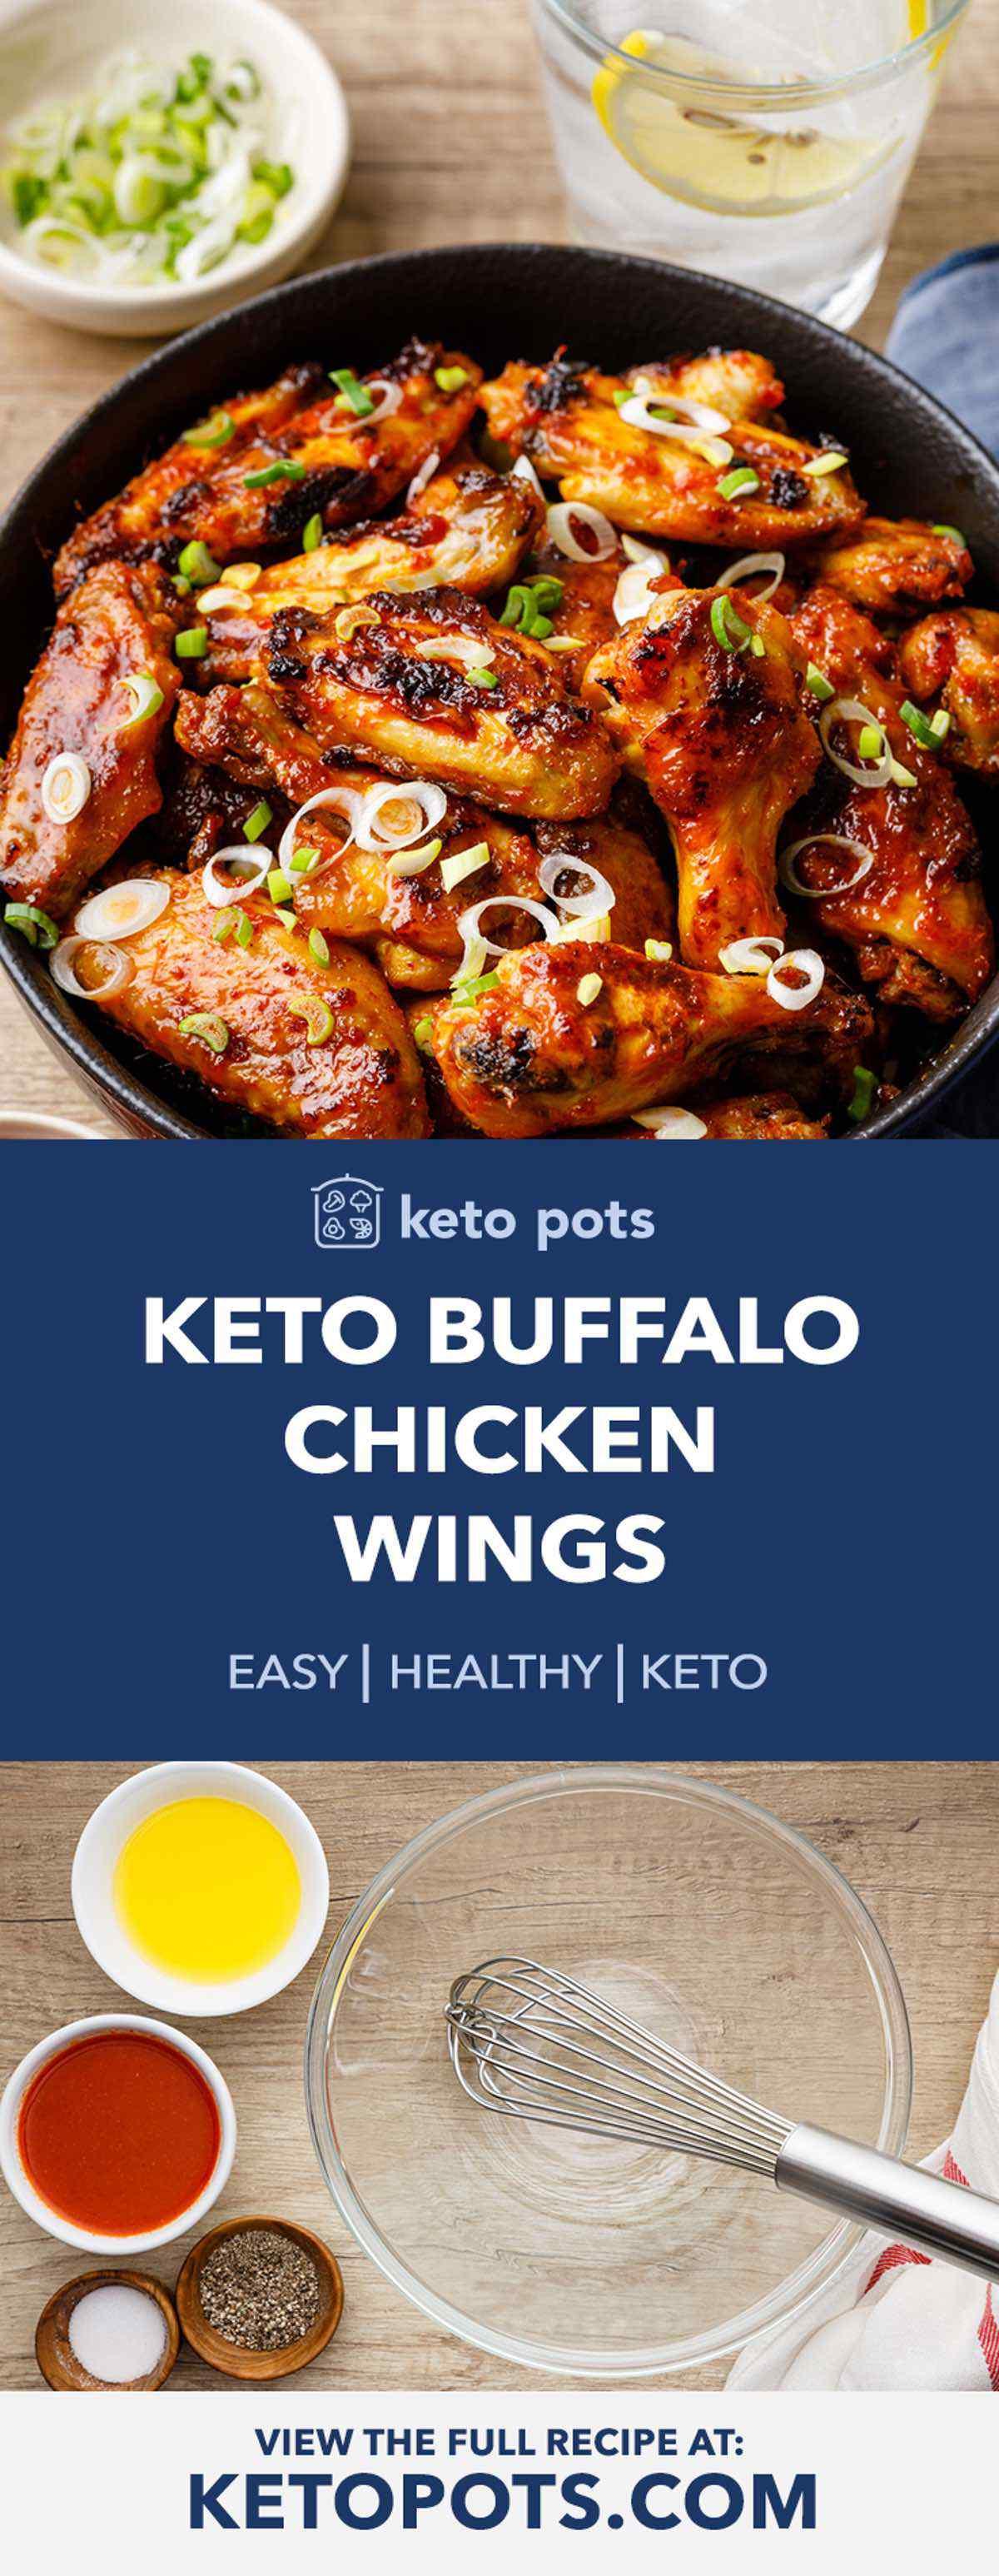 Keto Buffalo Chicken Wings